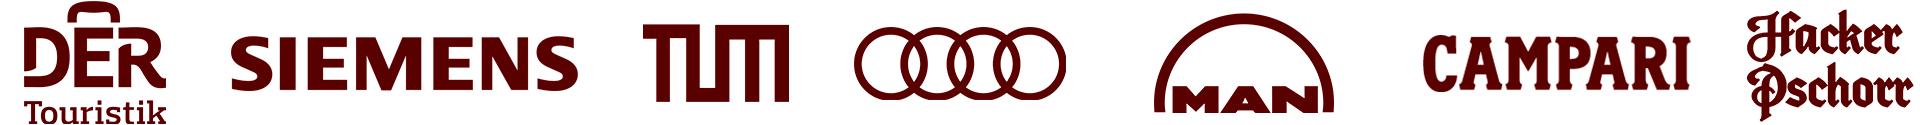 Logo-Reihe2.png